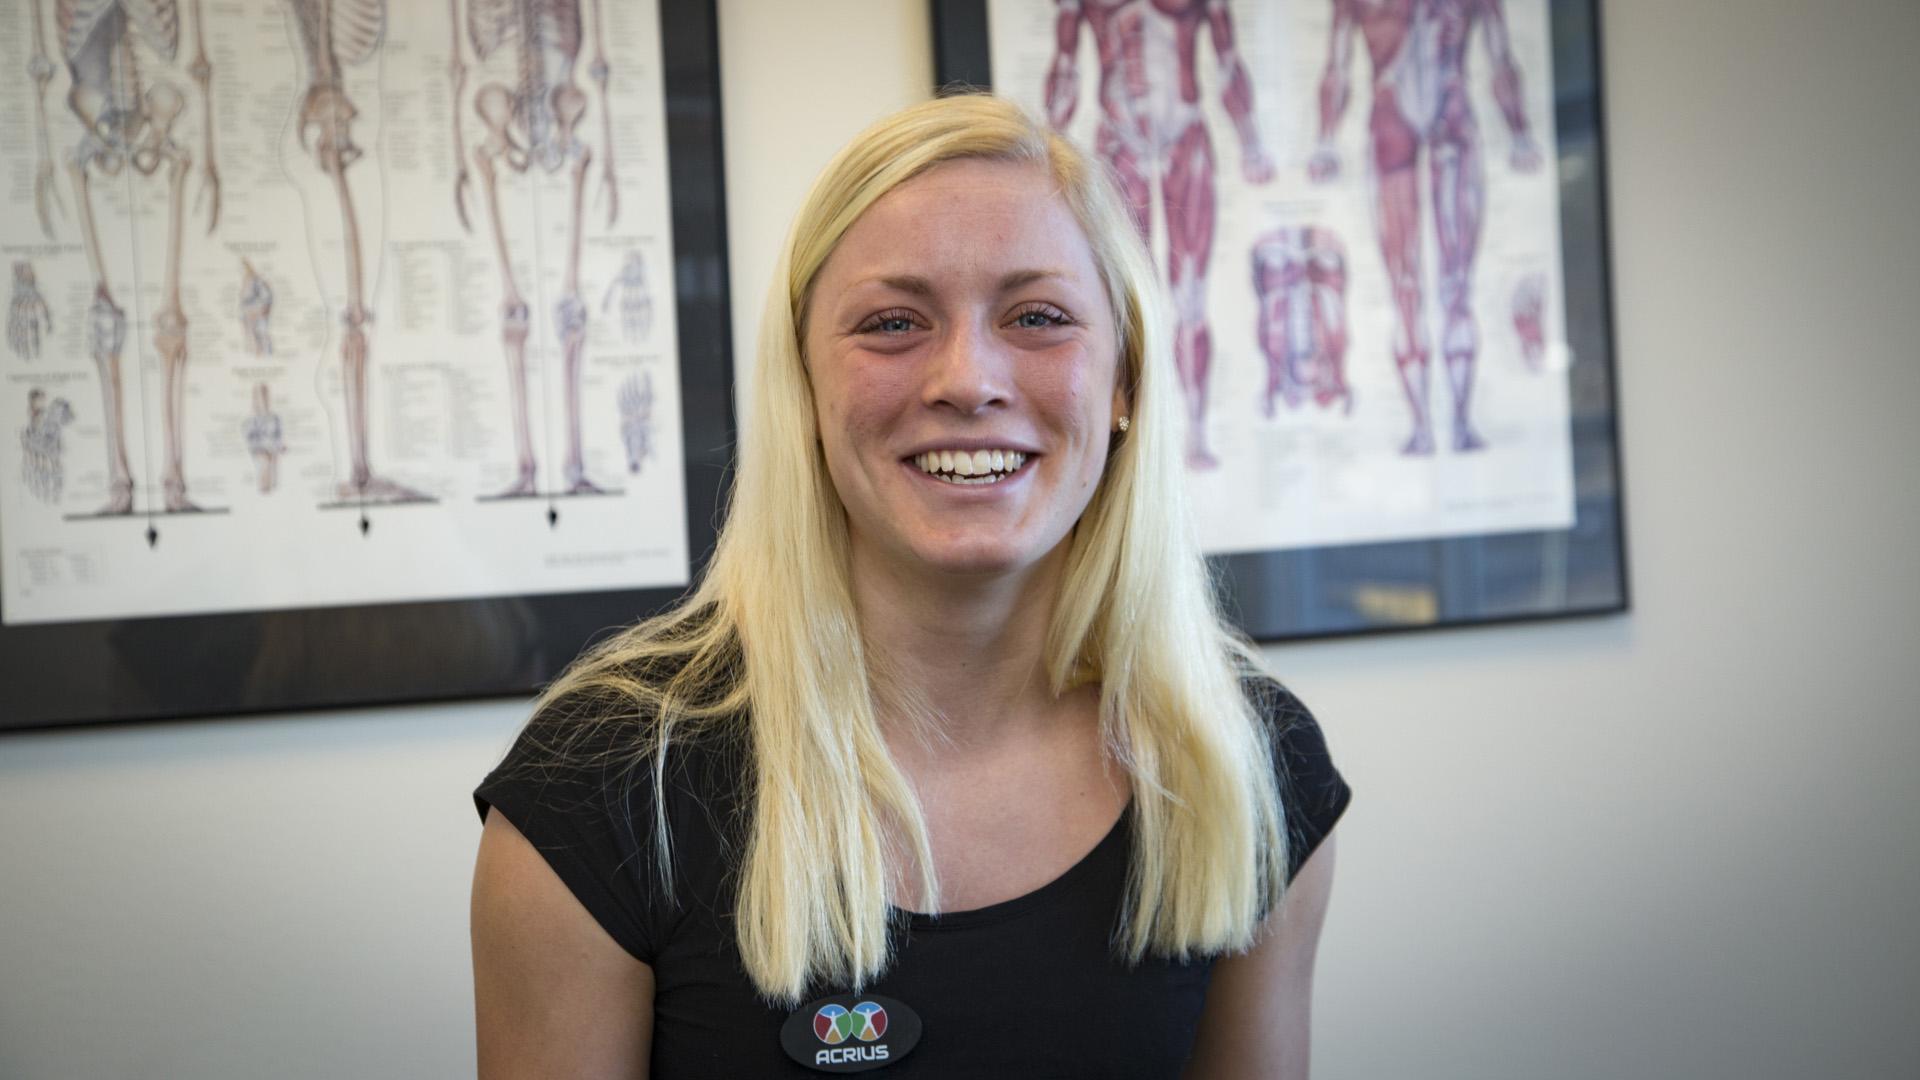 Överlycklig kvinnlig sjukgymnast jobbar med det hon älskar - rehabilitering